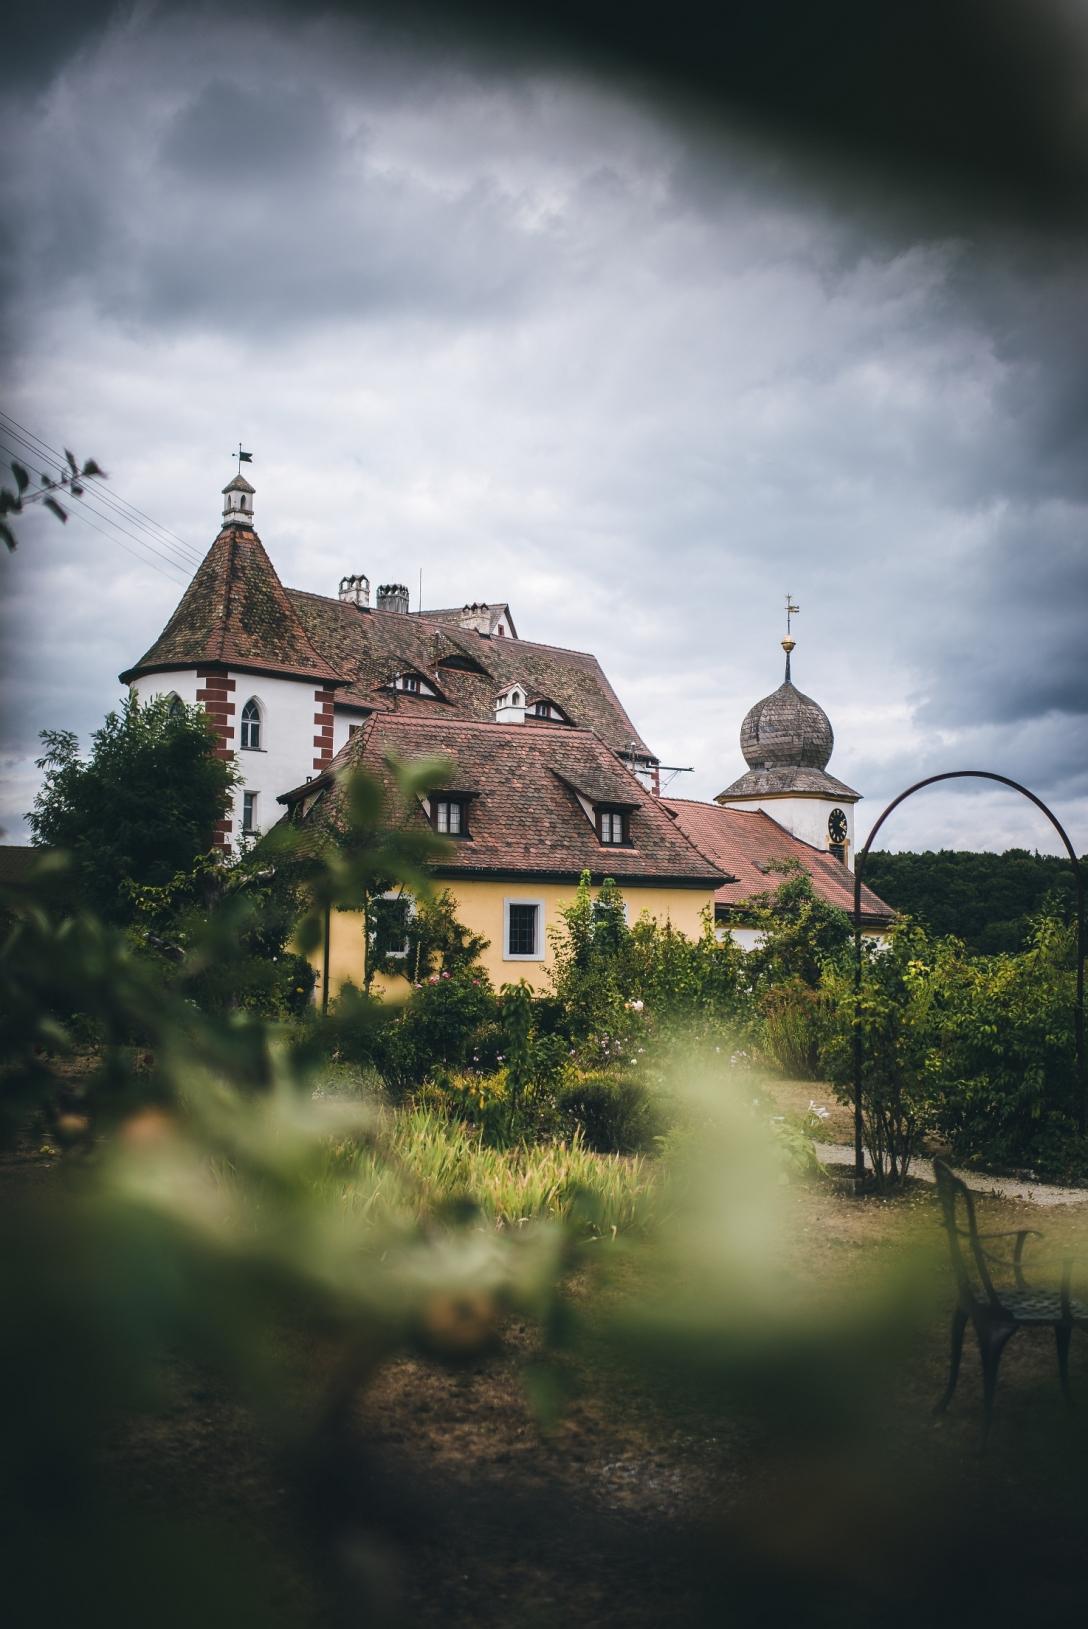 egloffstein-germany-landscape-photo- (3)